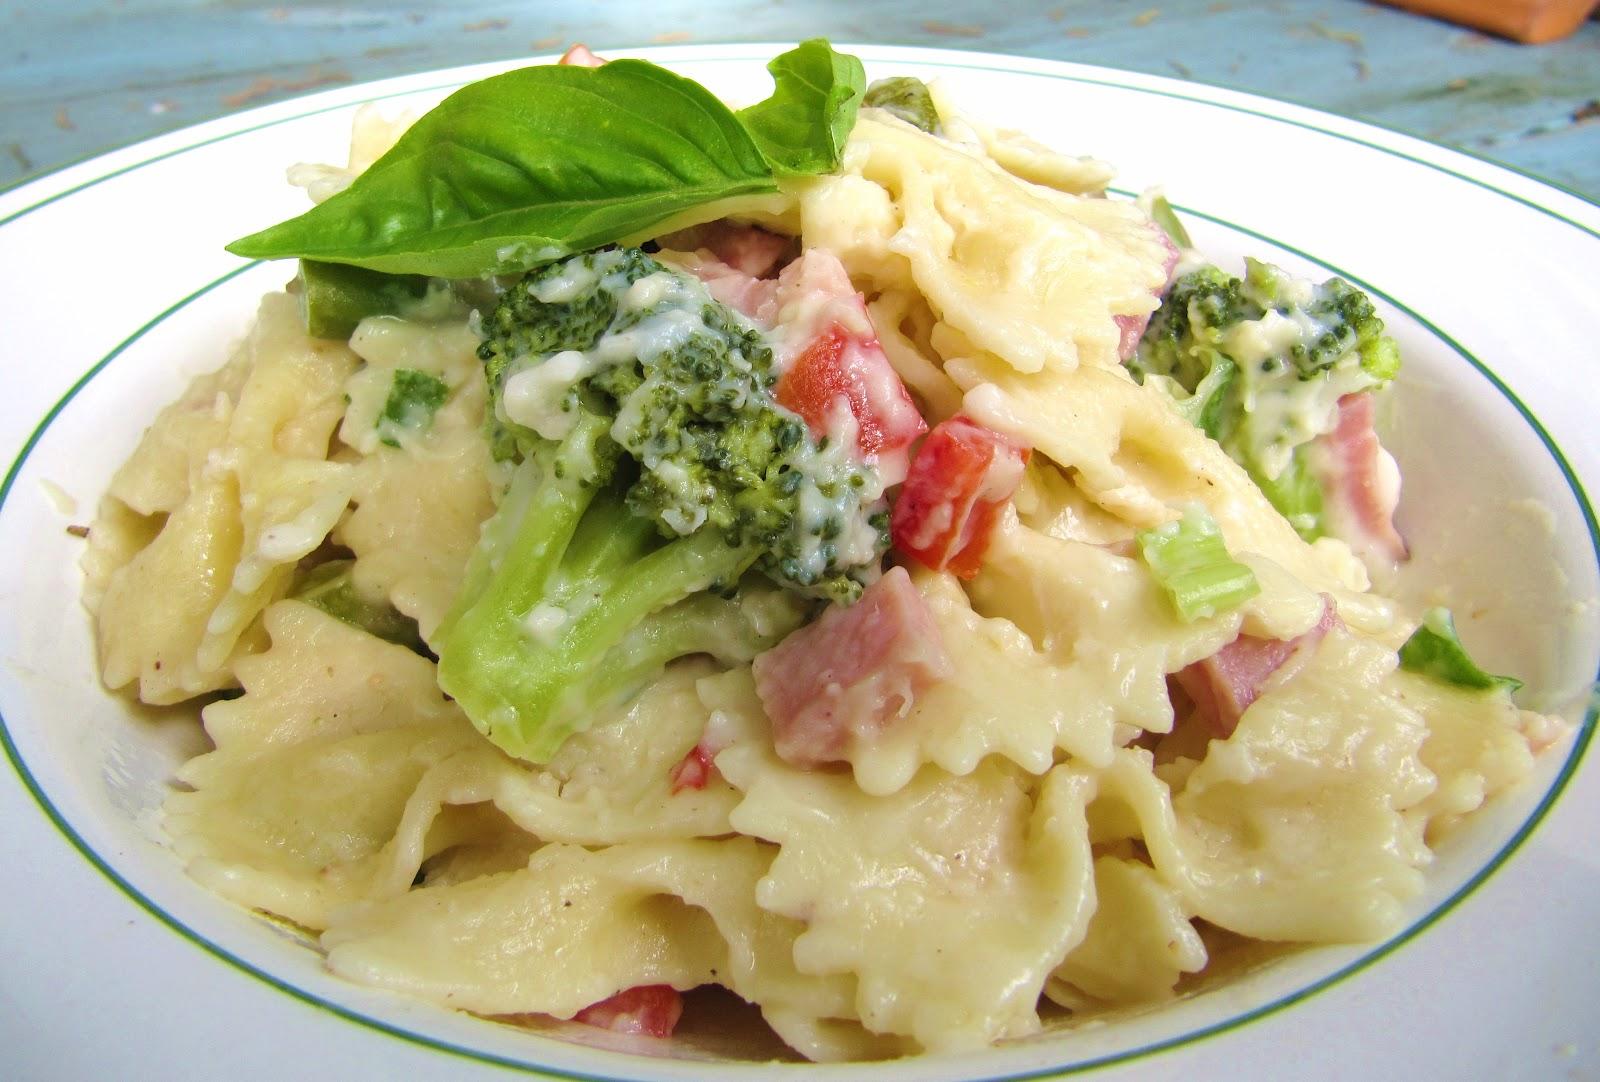 pasta primavera classic pasta primavera recipes dishmaps pasta ...